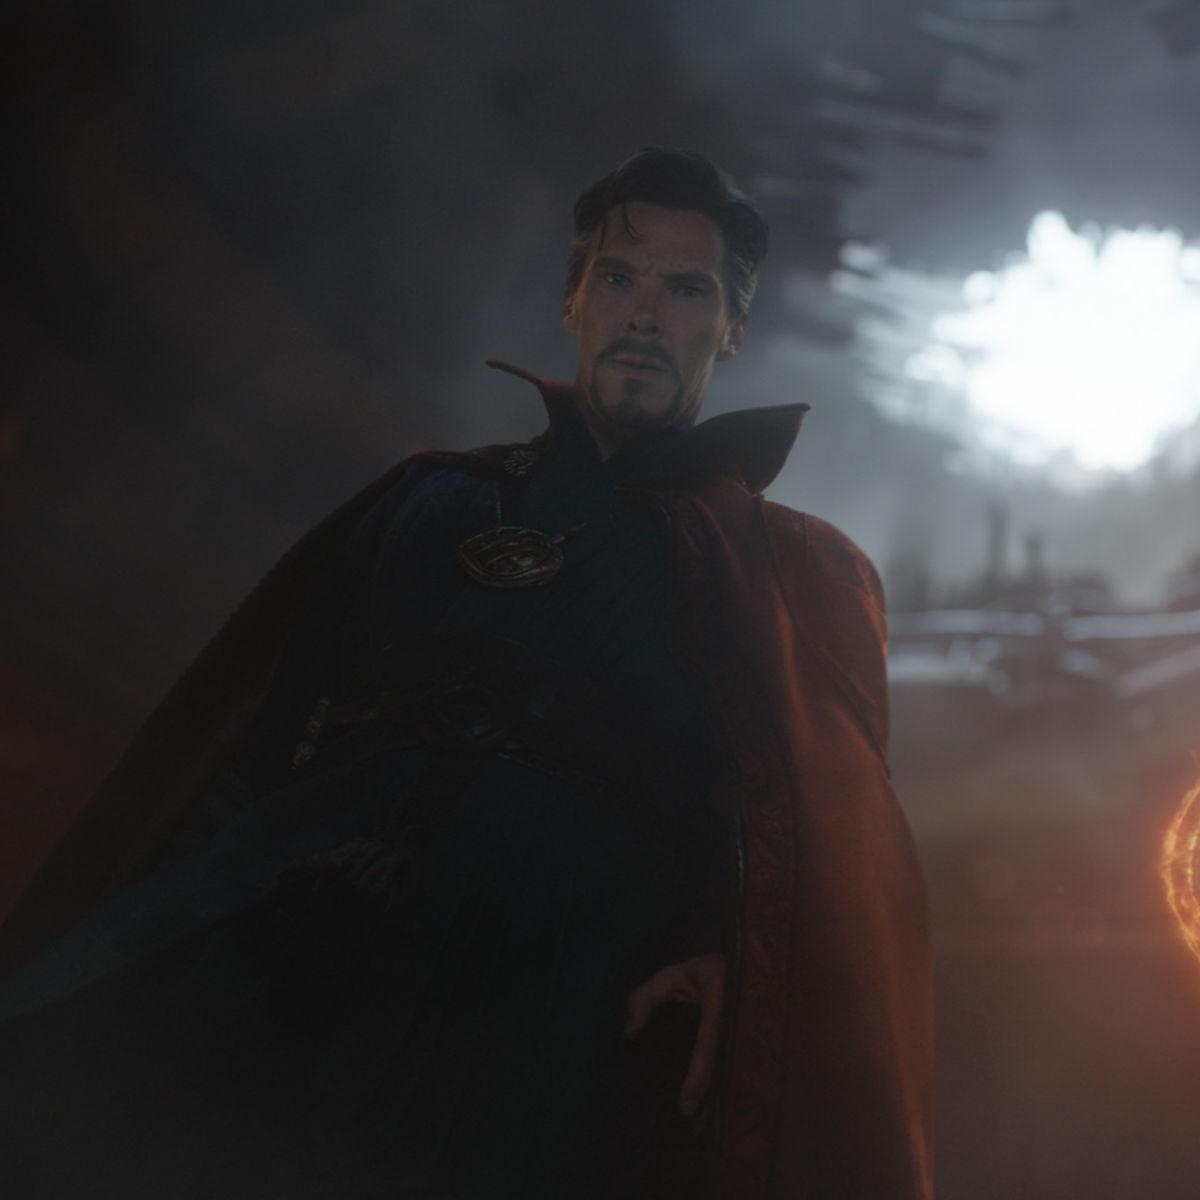 doctor_strange_avengers_infinity_war.jpg